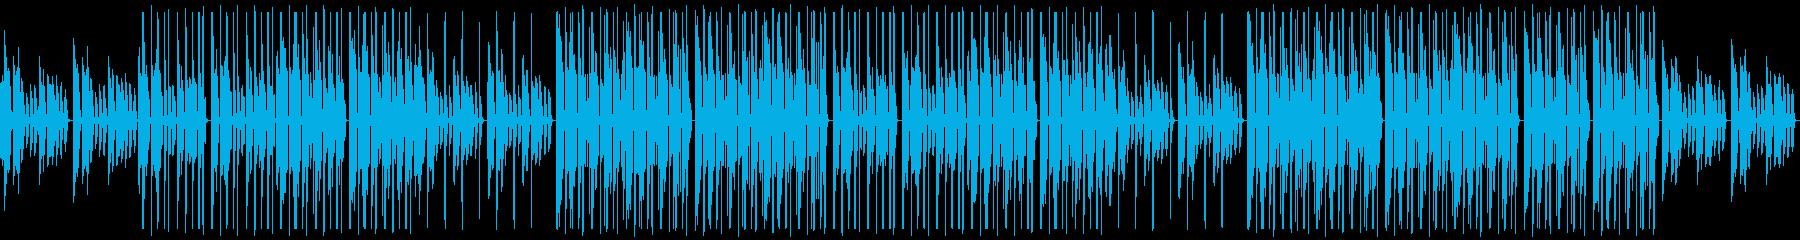 ピアノがソウルフルな都会的なトラップの再生済みの波形